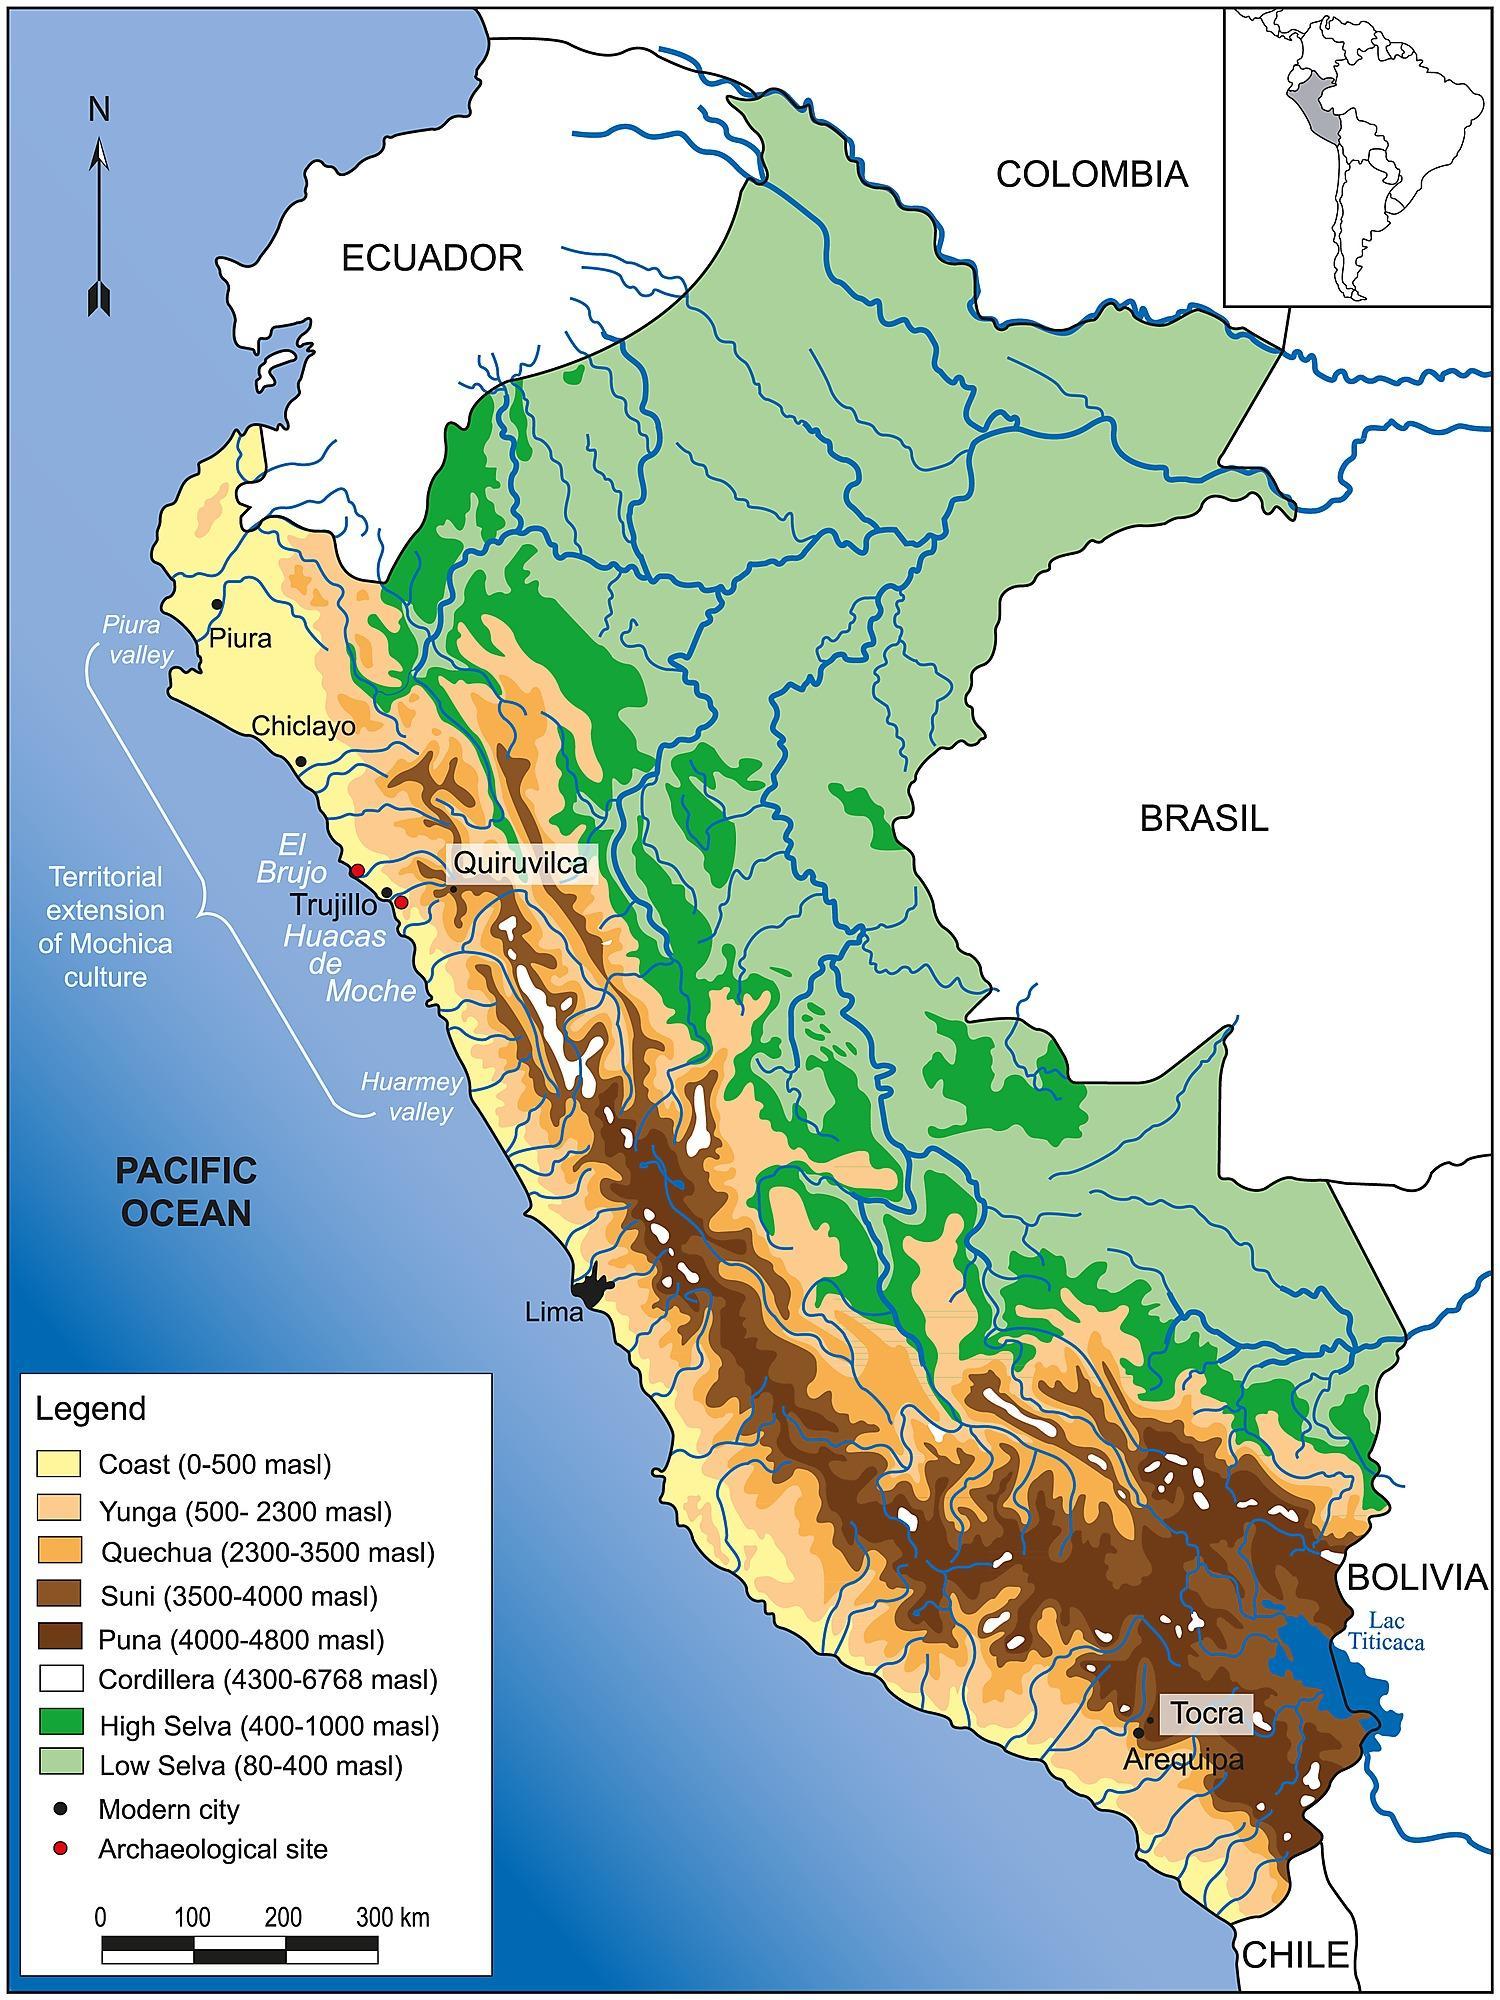 Carte Topographique Amerique Du Sud.Perou Carte Topographique Perou Carte Geographique